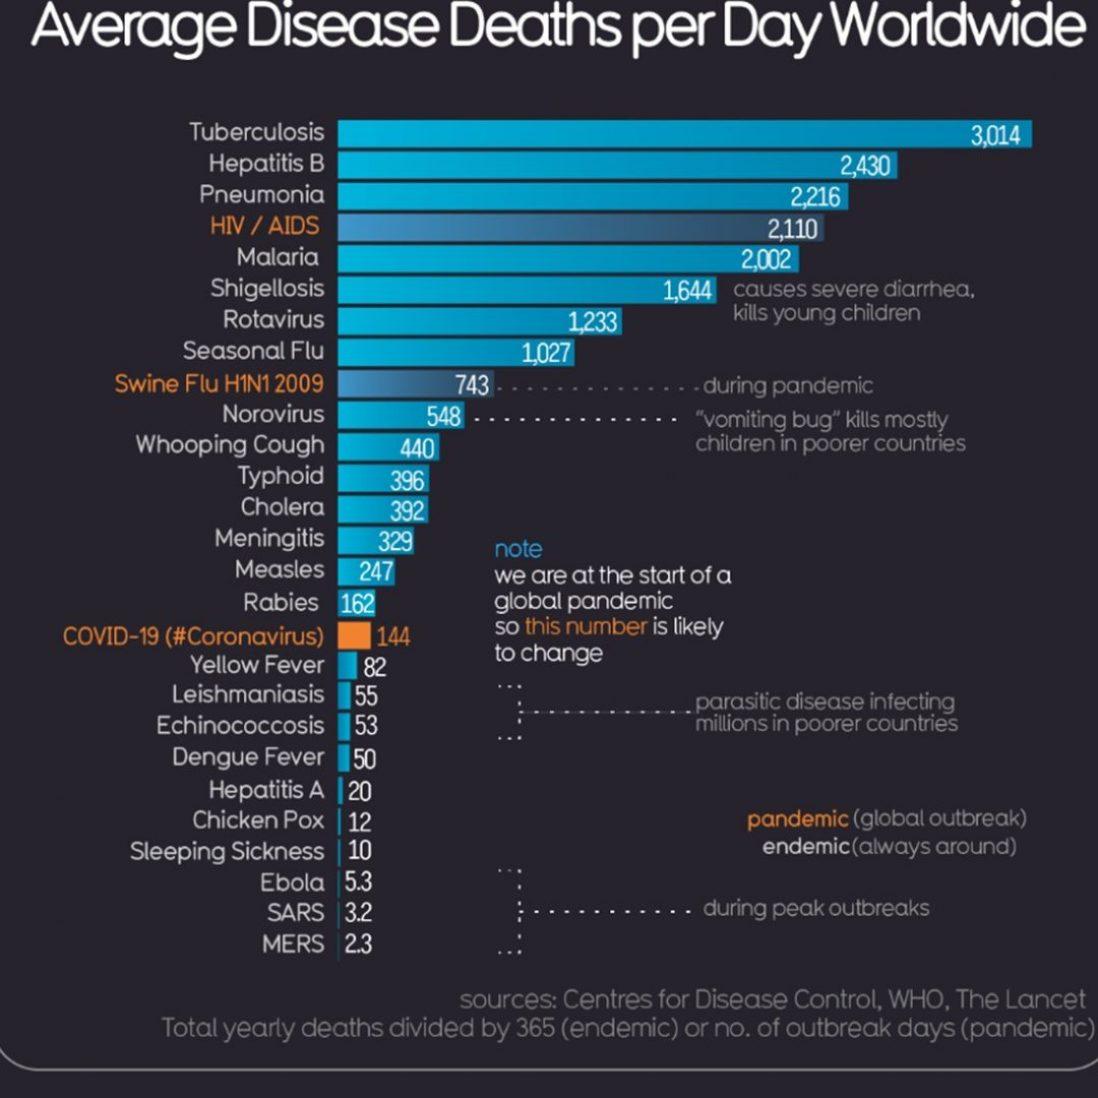 ¿Sabes cuál es el agente infeccioso más letal del mundo? africa